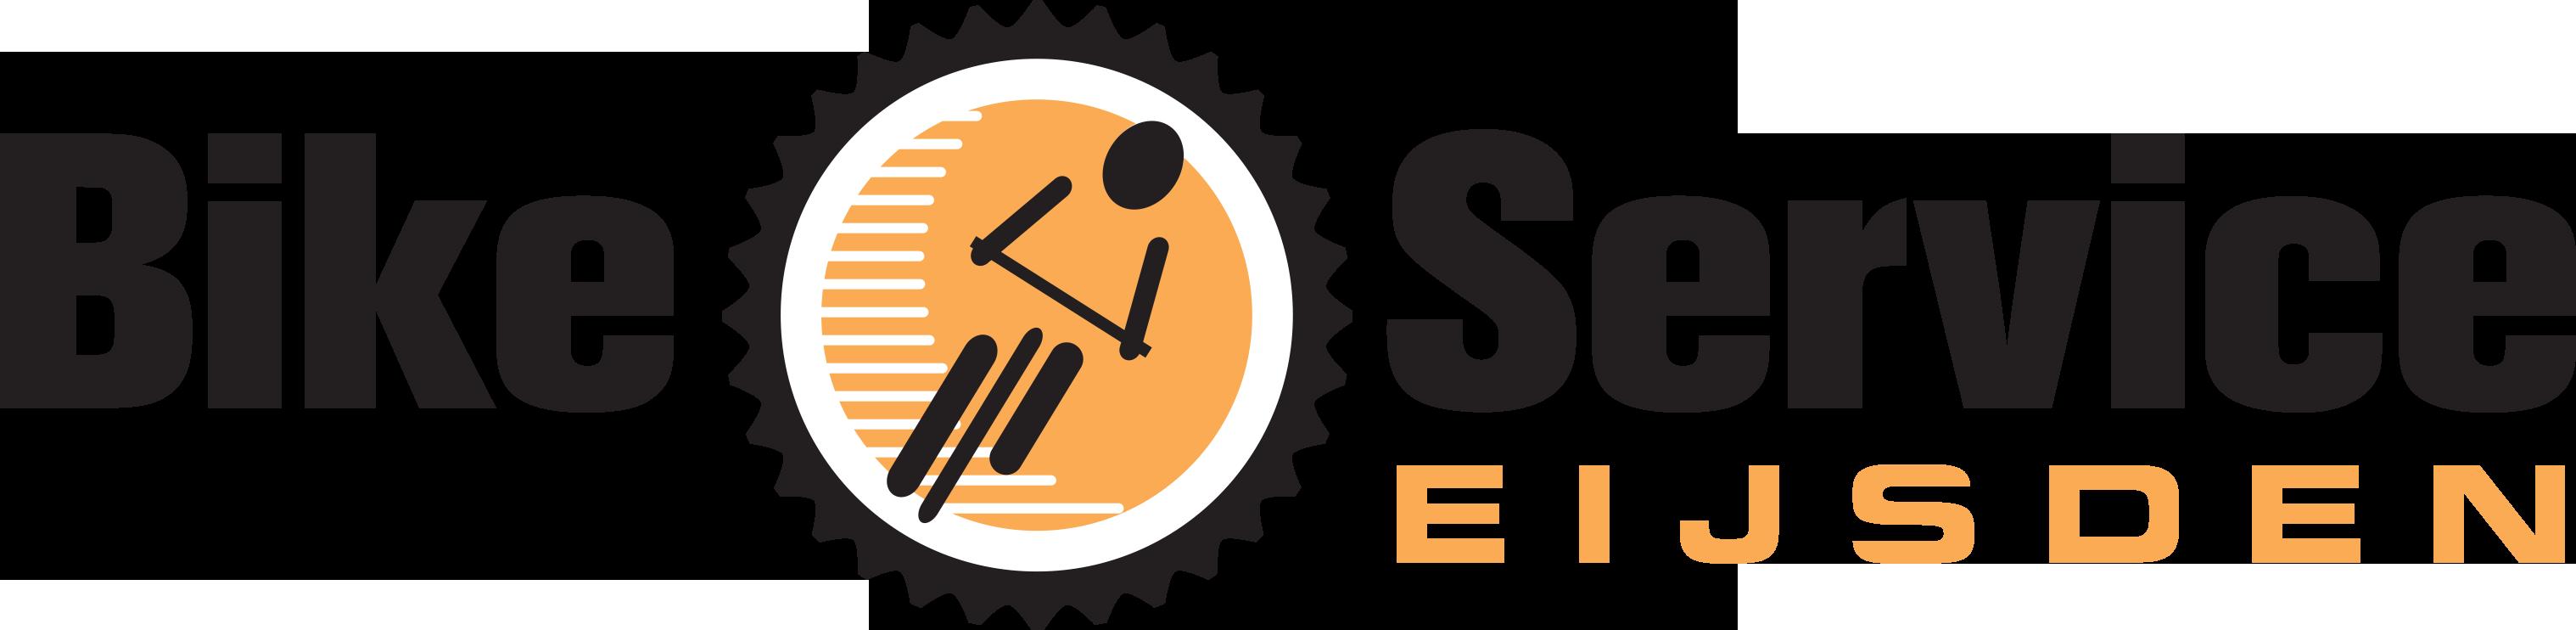 Logo Bike Service Eijsden voor Ontdek de e-bike